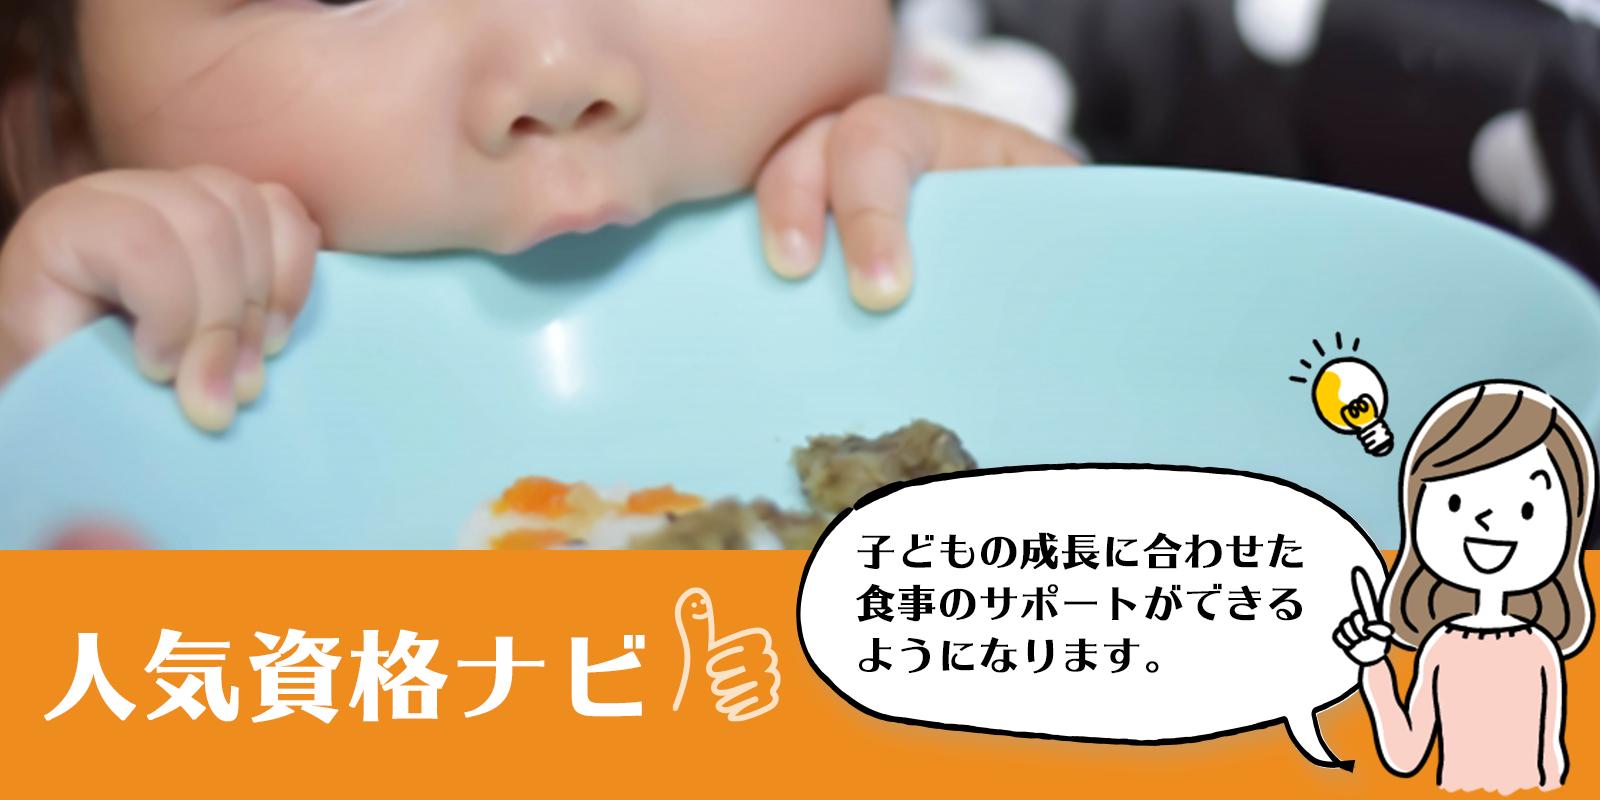 幼児食資格のアイキャッチ画像